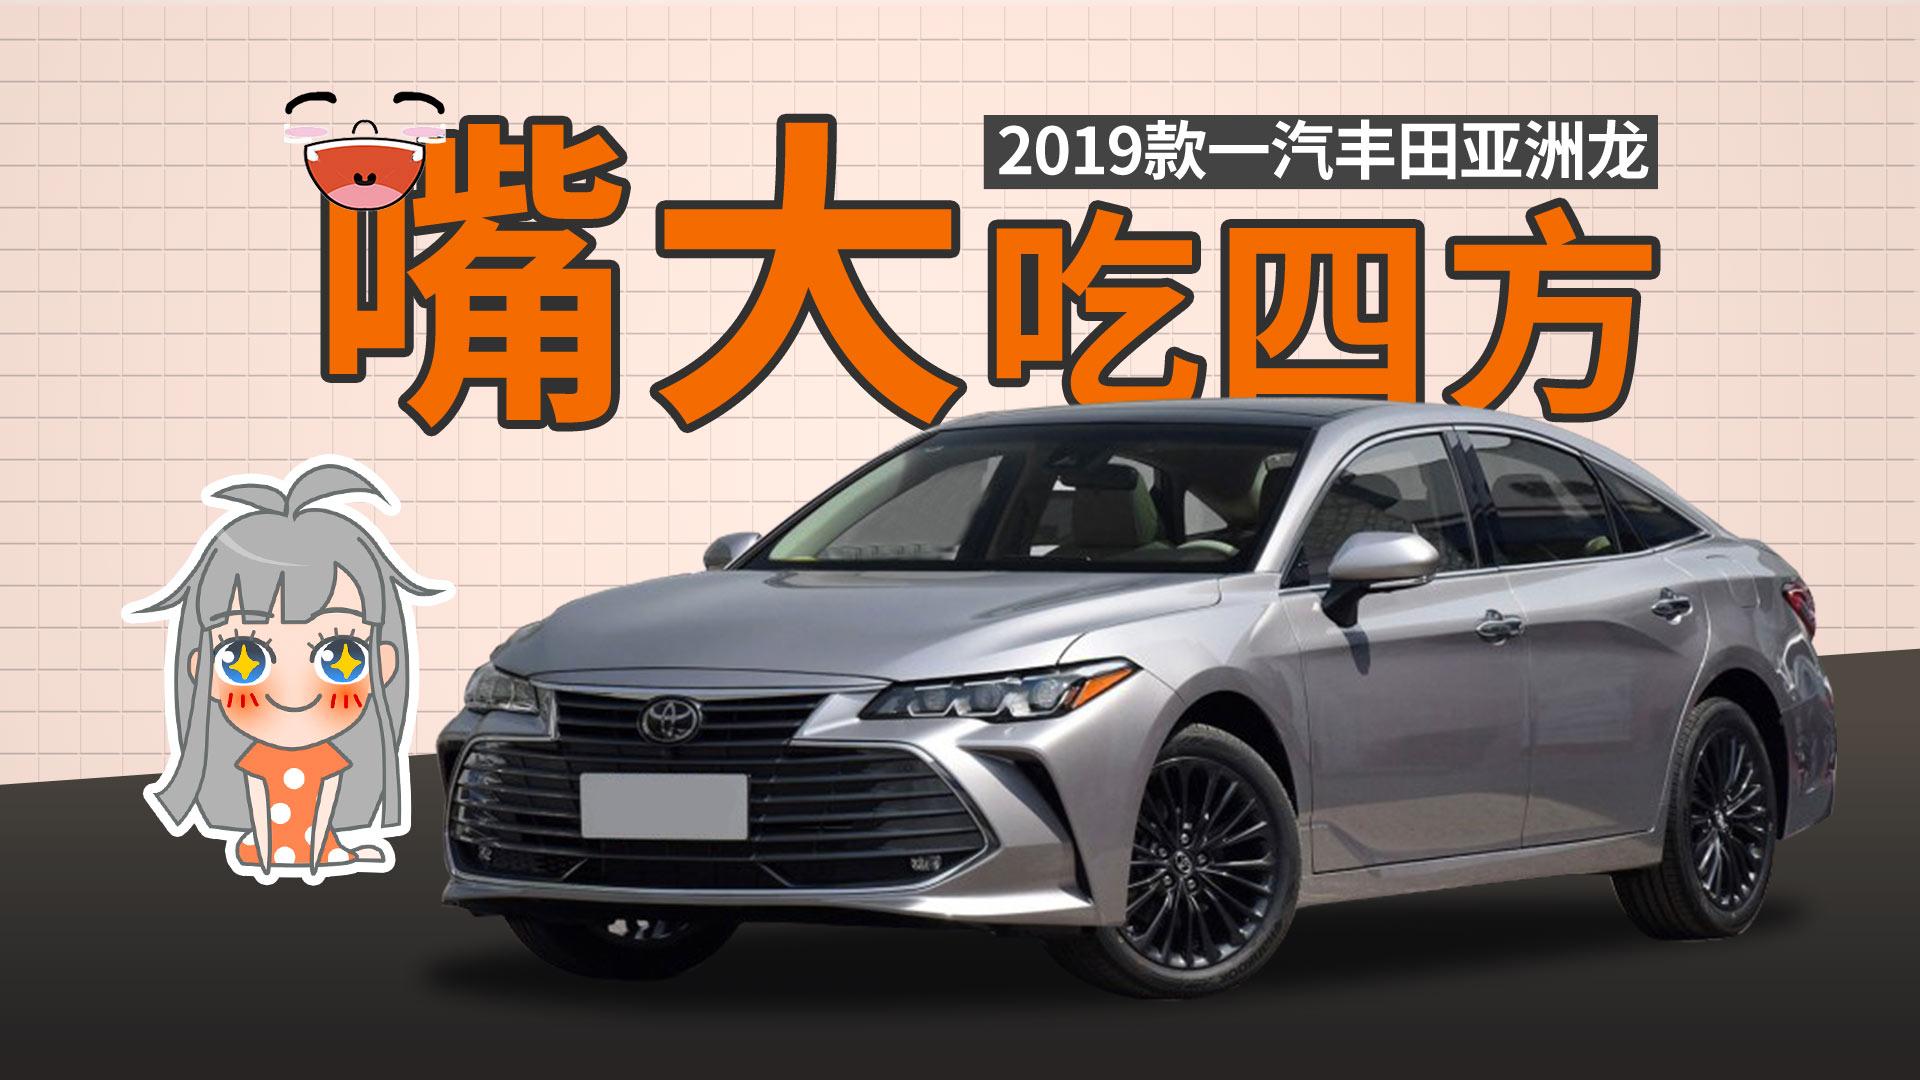 【购车300秒】嘴大吃四方 2019款一汽丰田亚洲龙车型解析